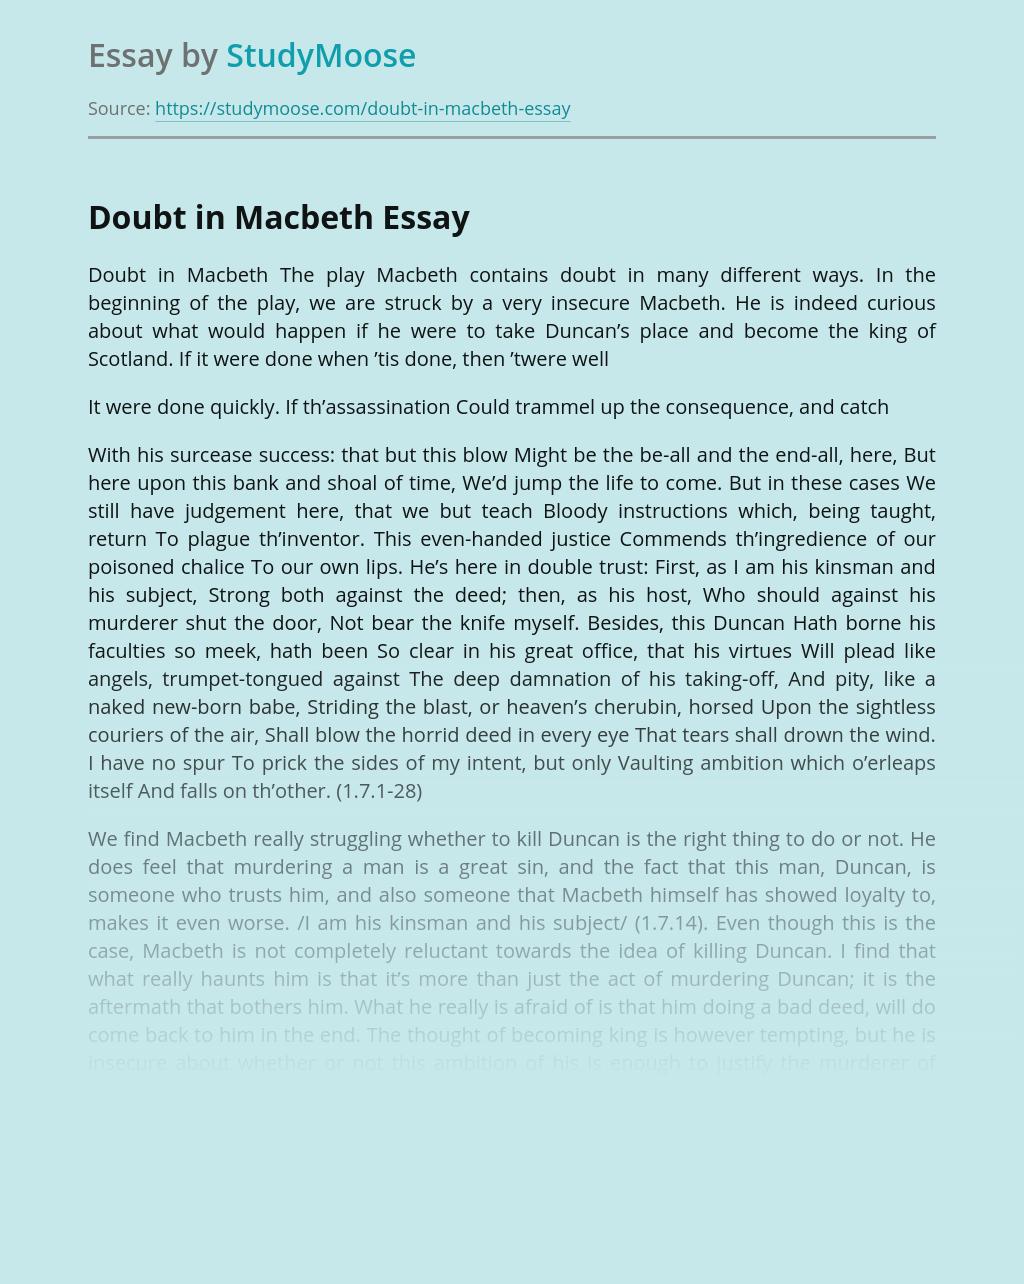 Doubt in Macbeth